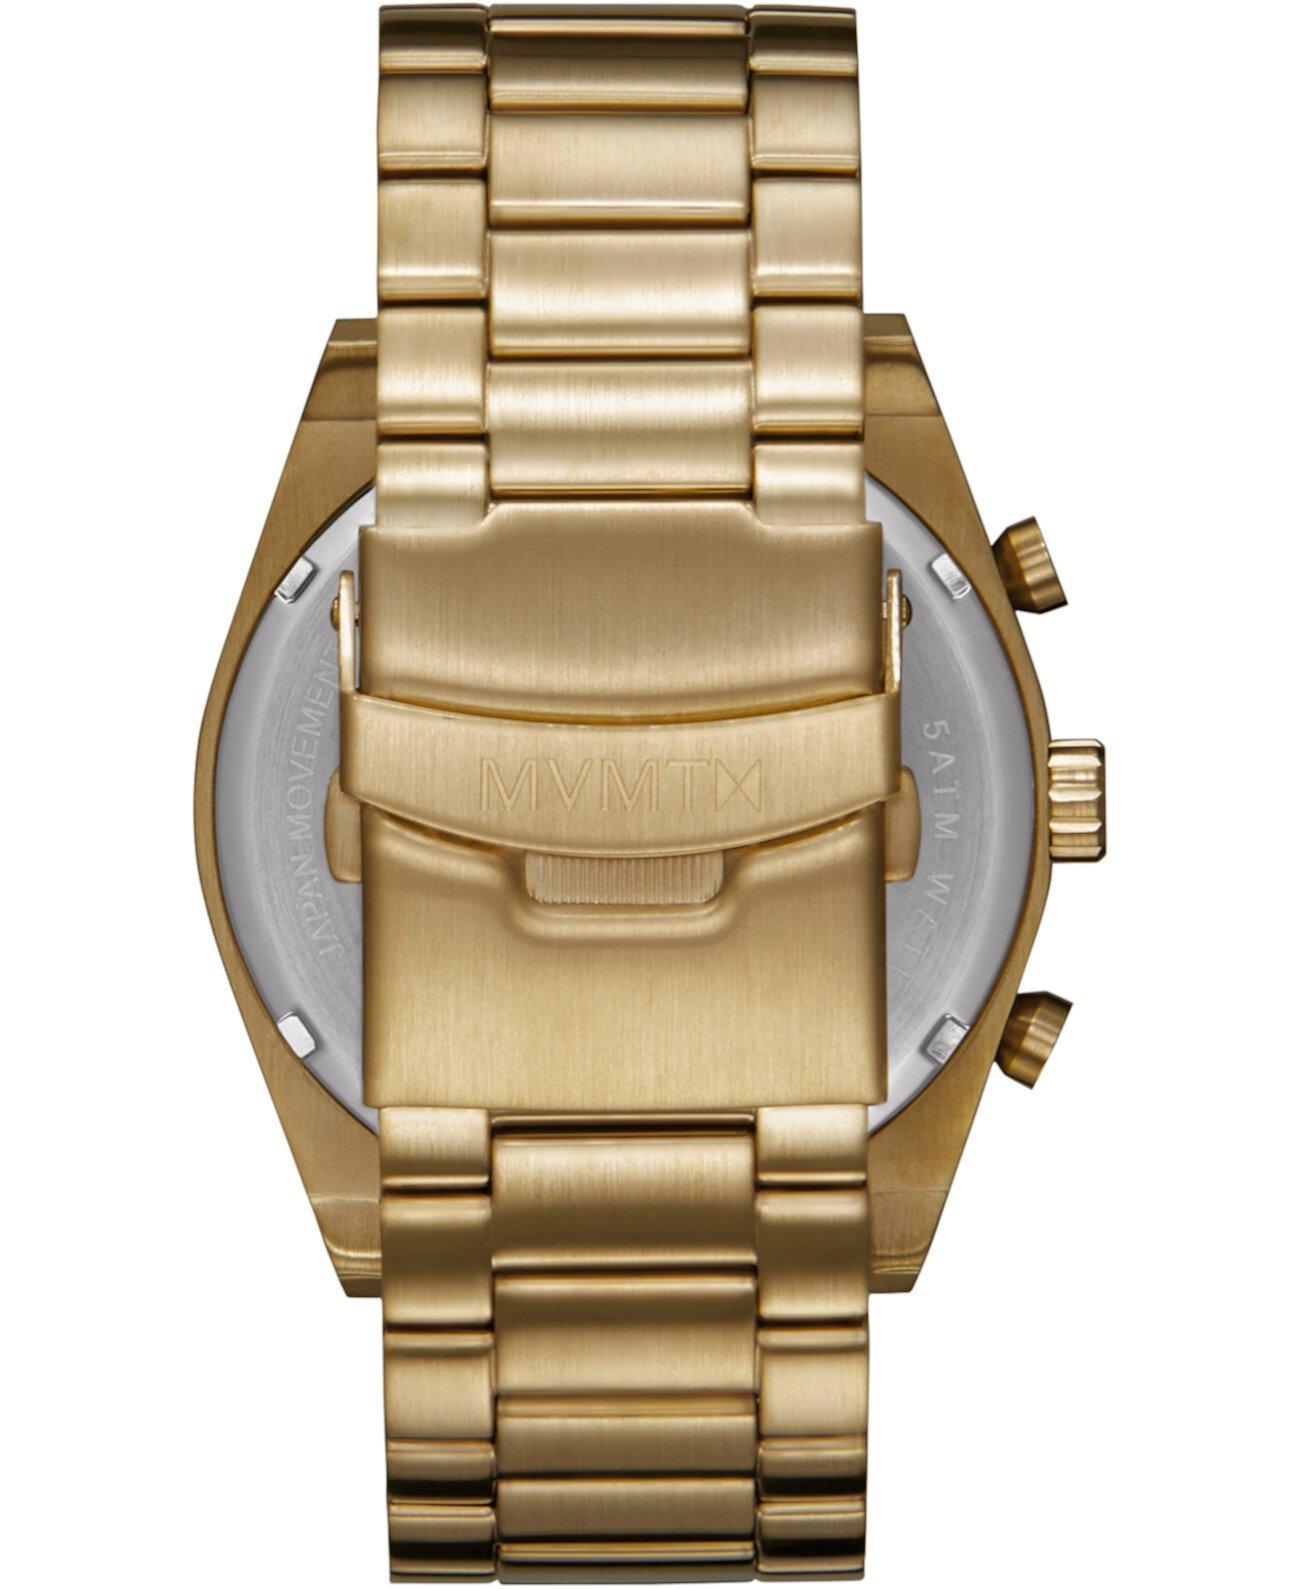 Мужские часы-хронограф из нержавеющей стали с золотыми тонами 44 мм MVMT